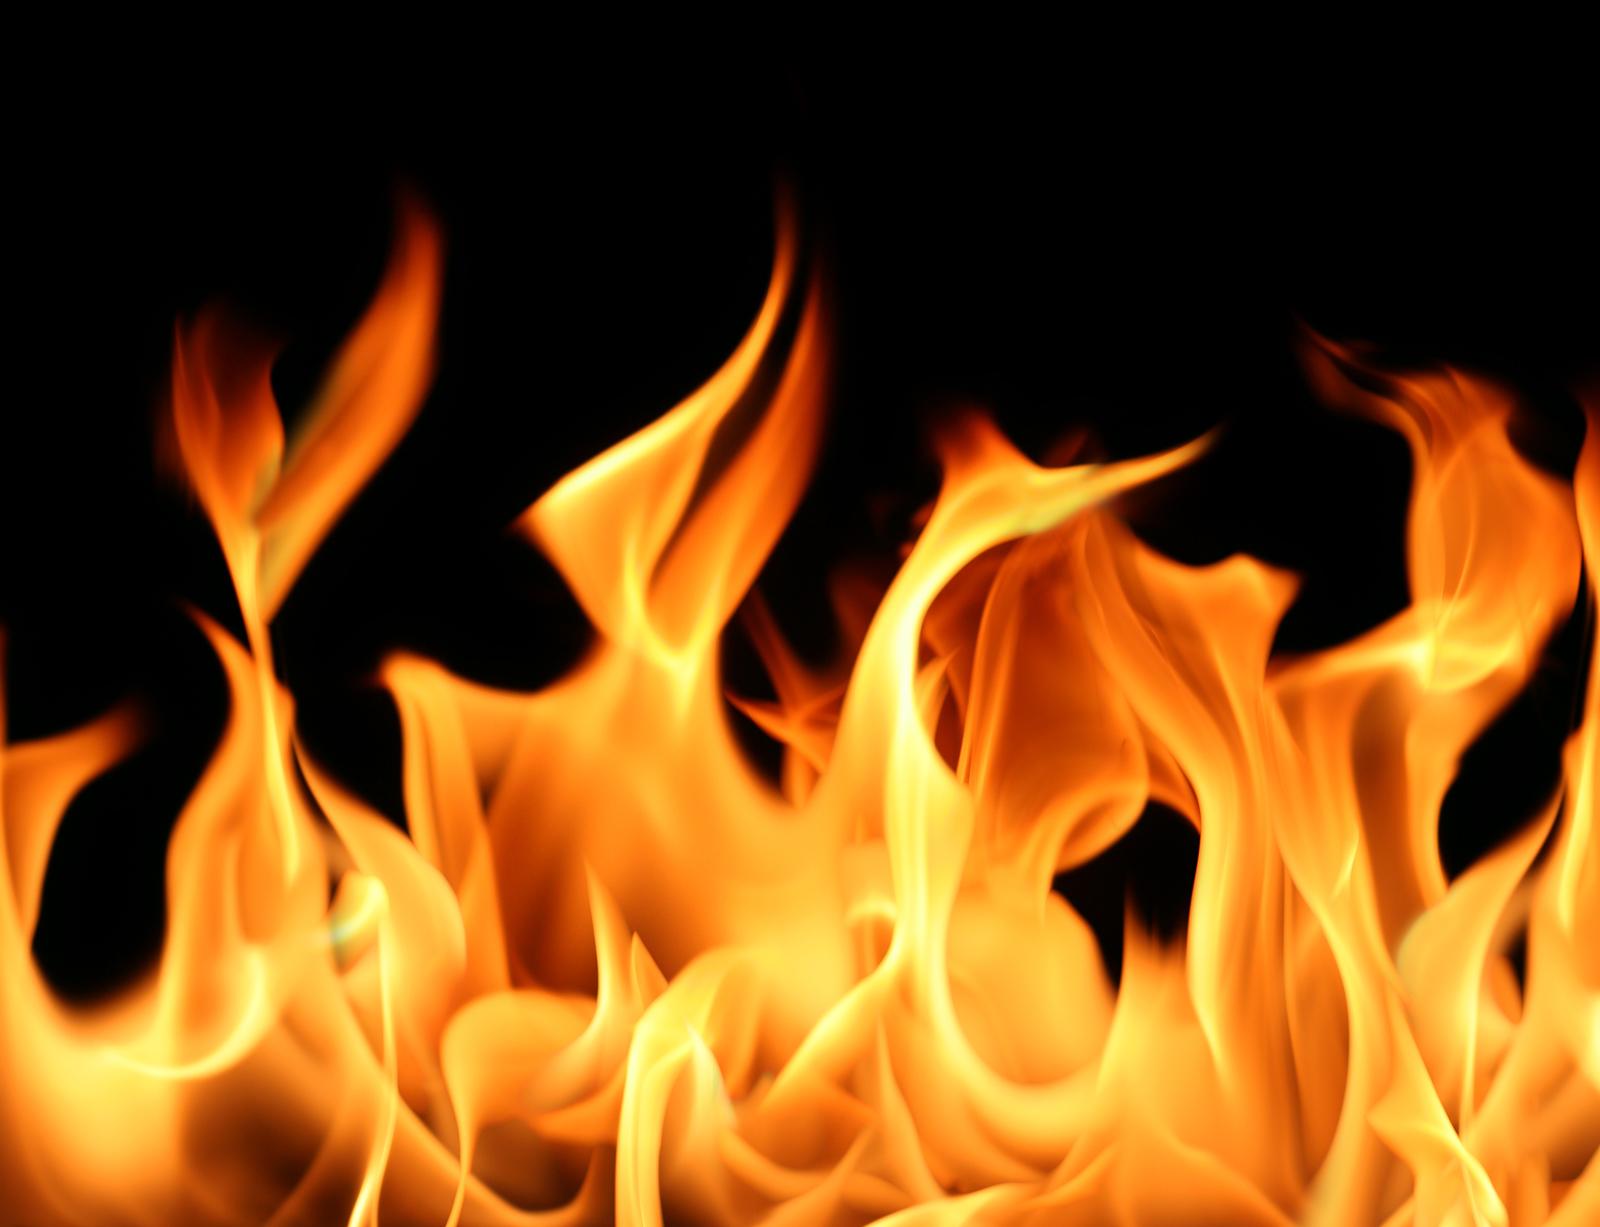 http://scottstrissel.files.wordpress.com/2013/11/flames1.jpg